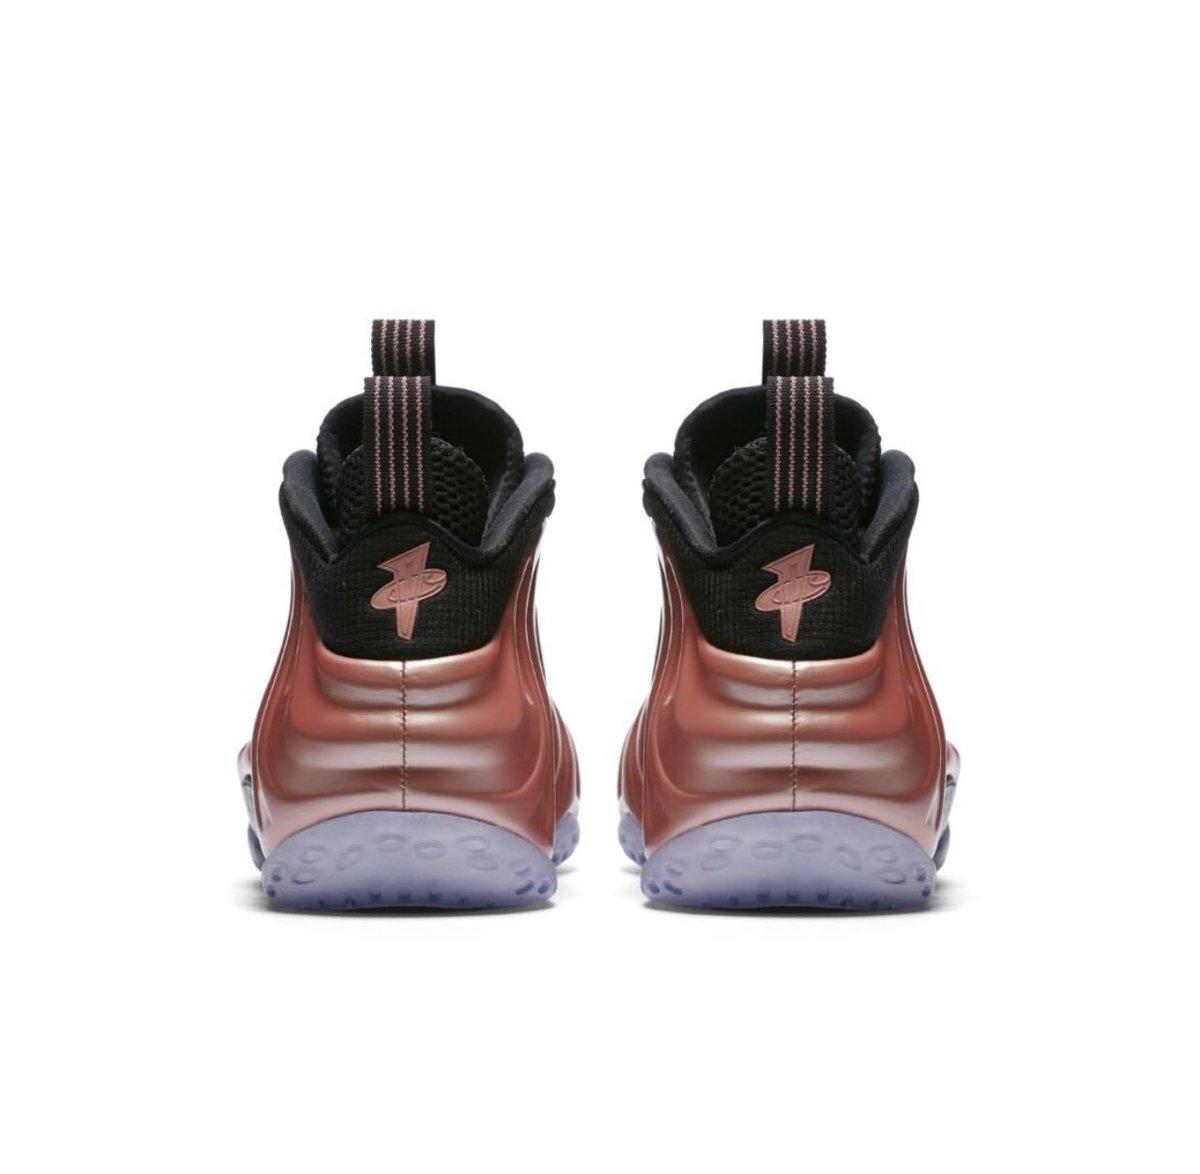 low priced 40328 beb9d Og Shoes LLC on Twitter: